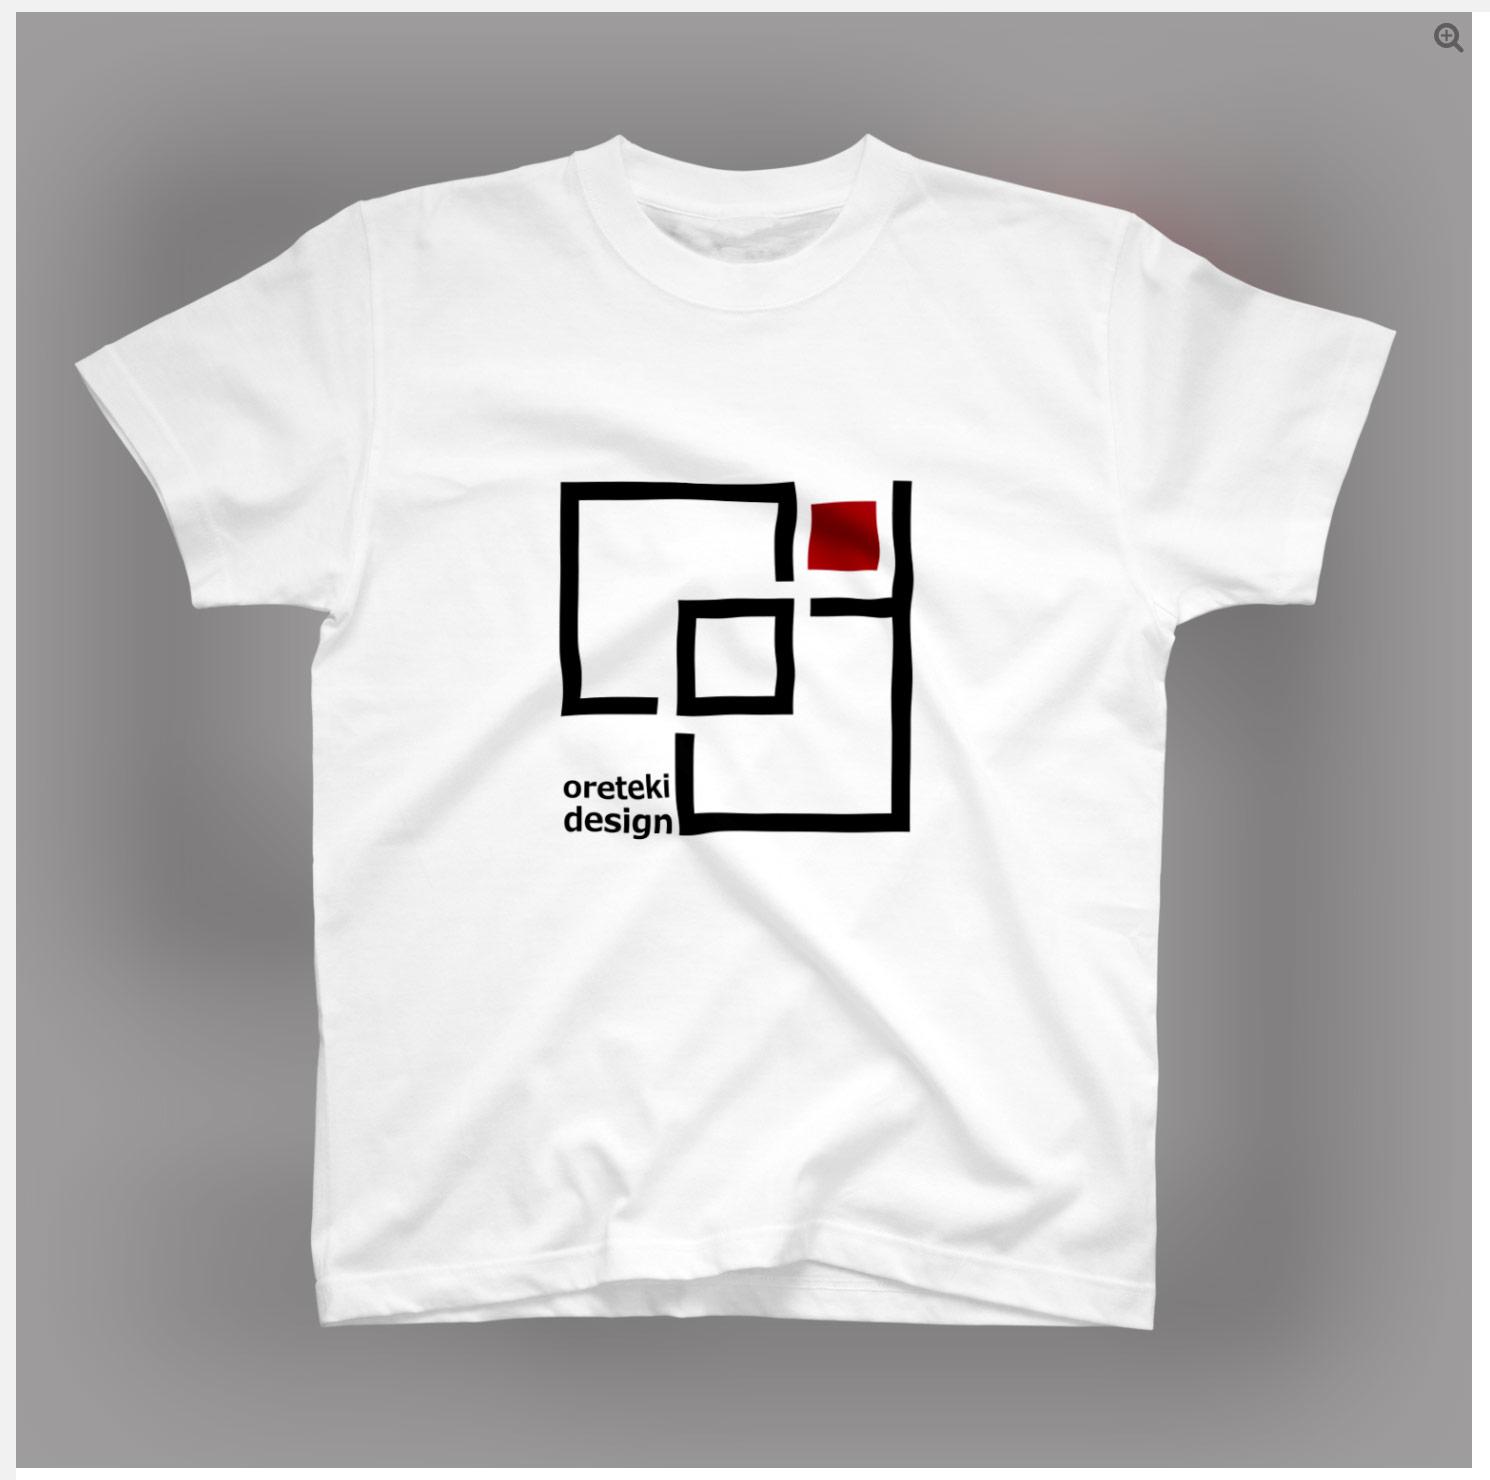 俺デザ第一弾T[シャツ